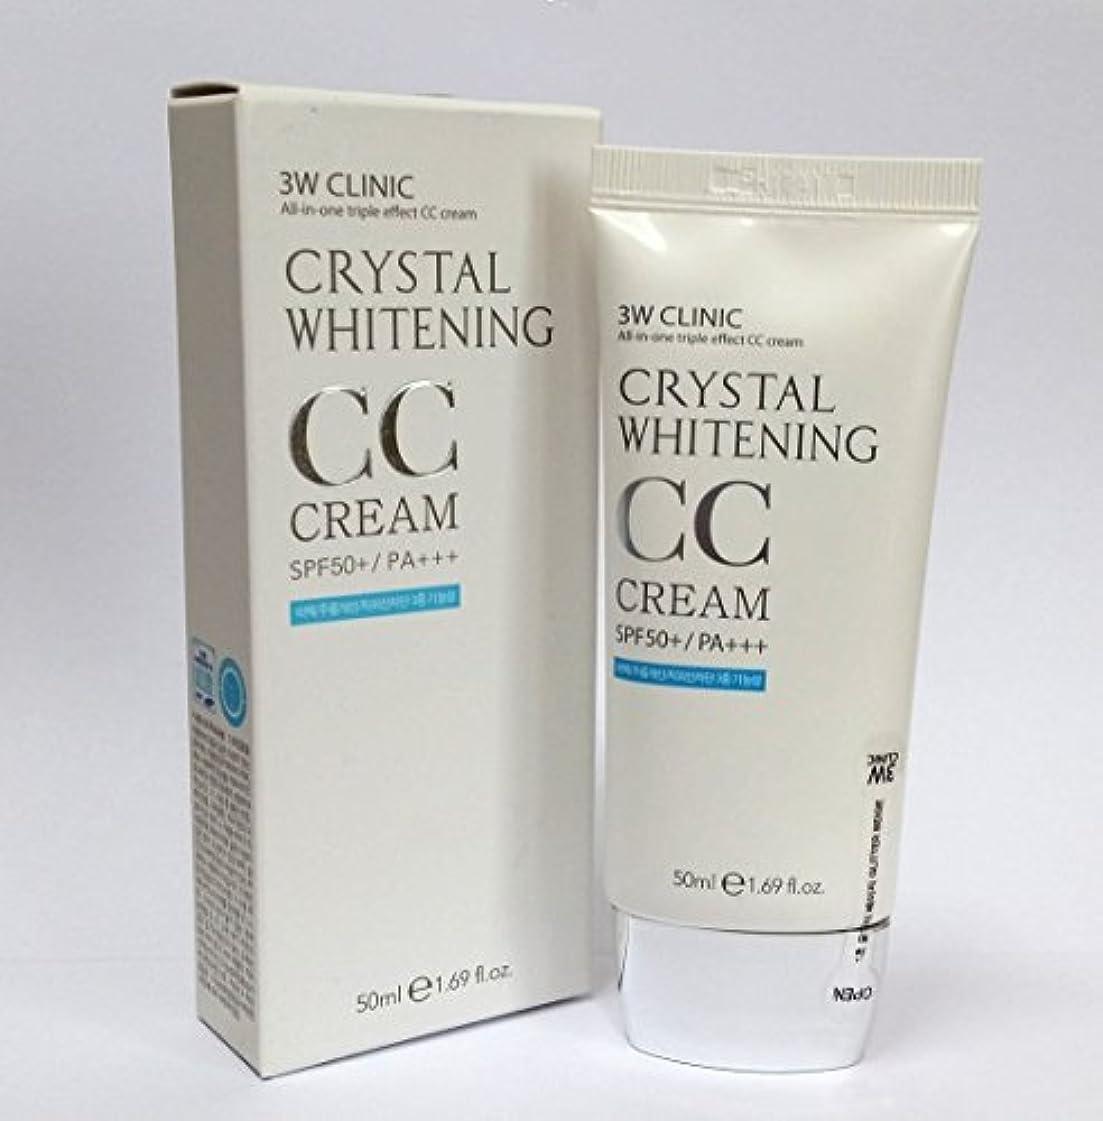 バランス称賛ジョセフバンクス[3W CLINIC] クリスタルホワイトニングCCクリーム50ml SPF50 PA +++ / #02 Natural Beige / Crystal Whitening CC Cream 50ml SPF50 PA...